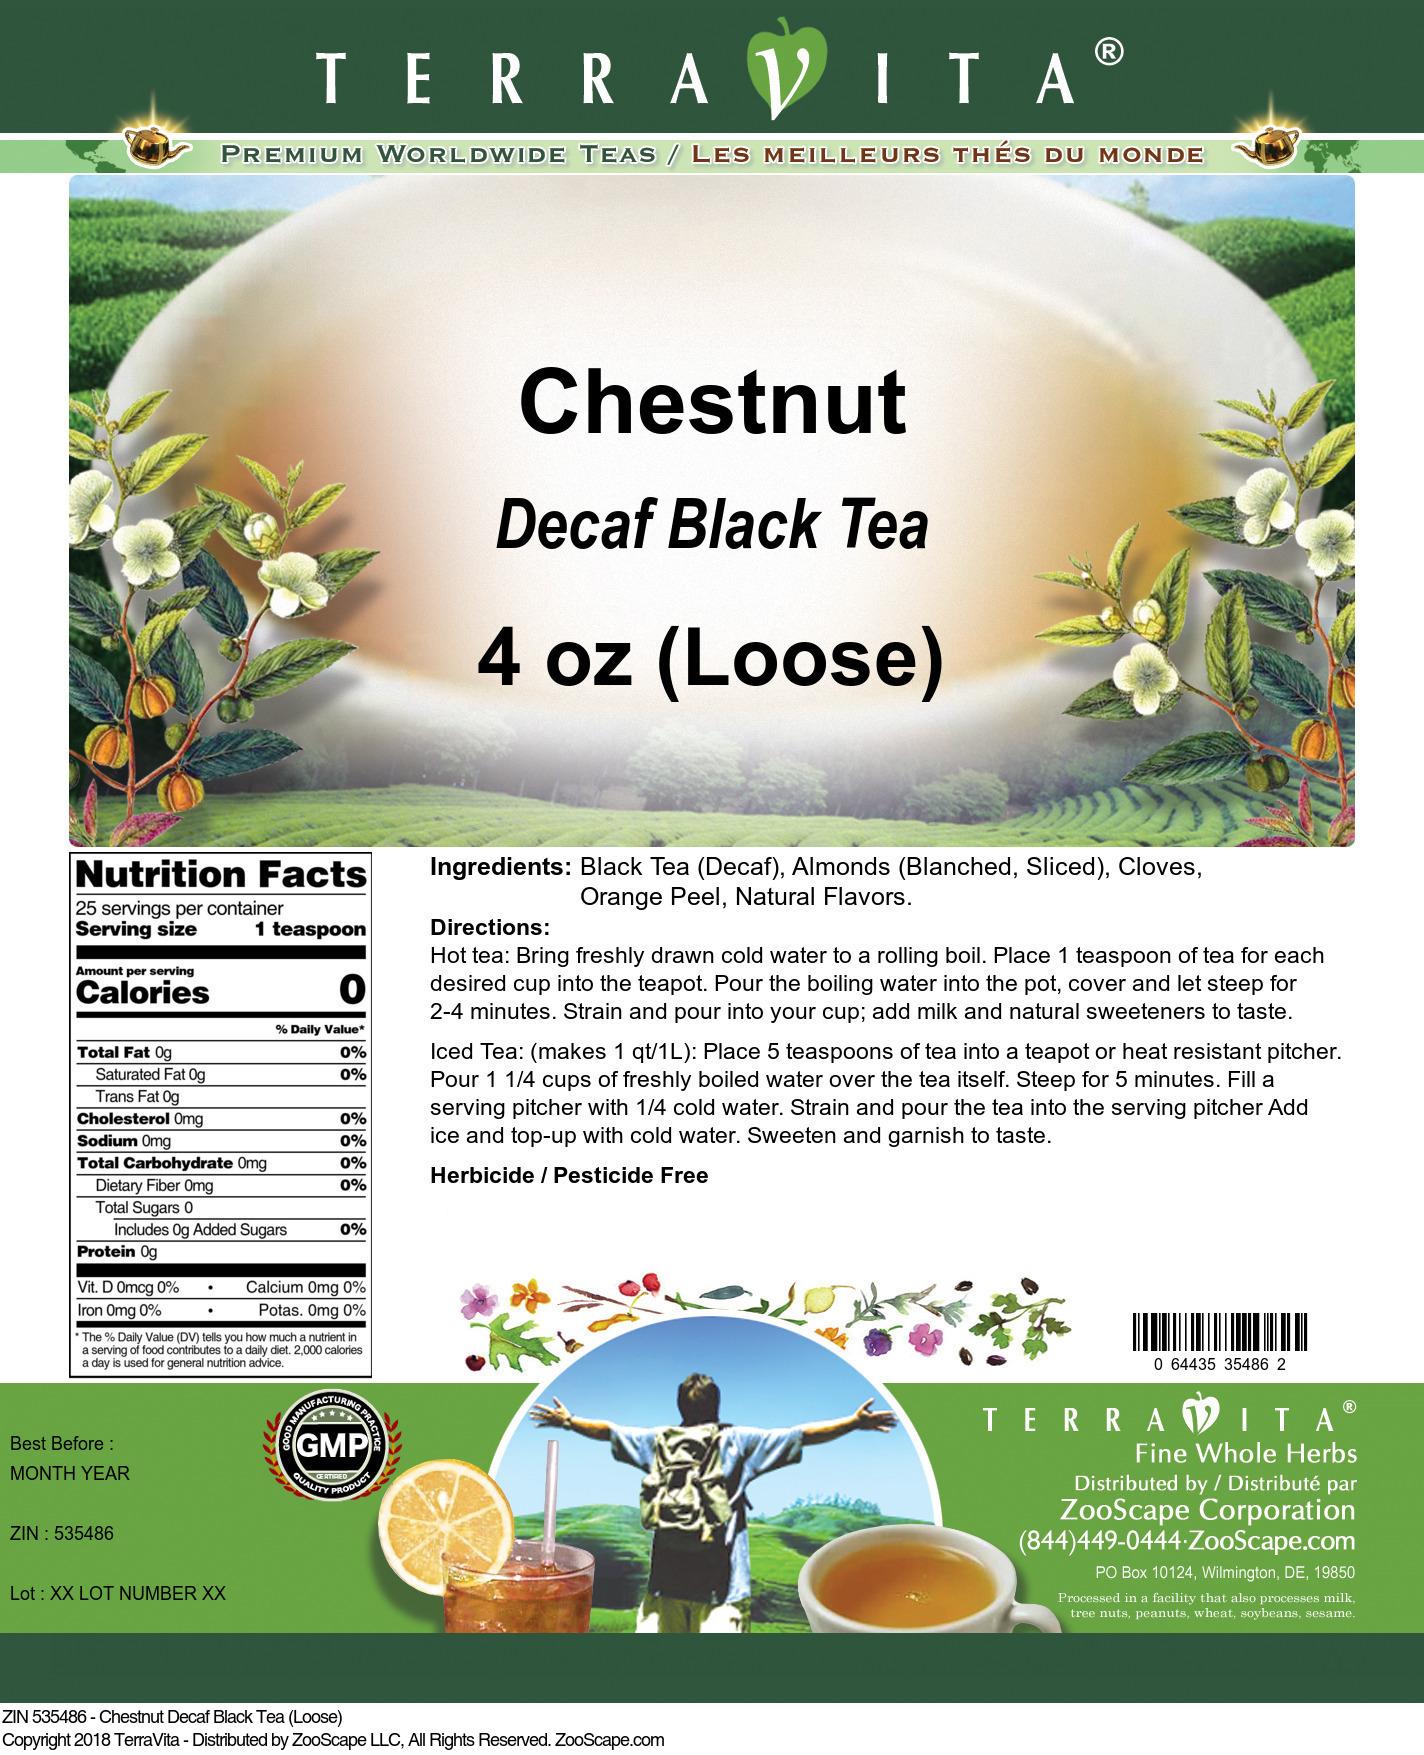 Chestnut Decaf Black Tea (Loose)